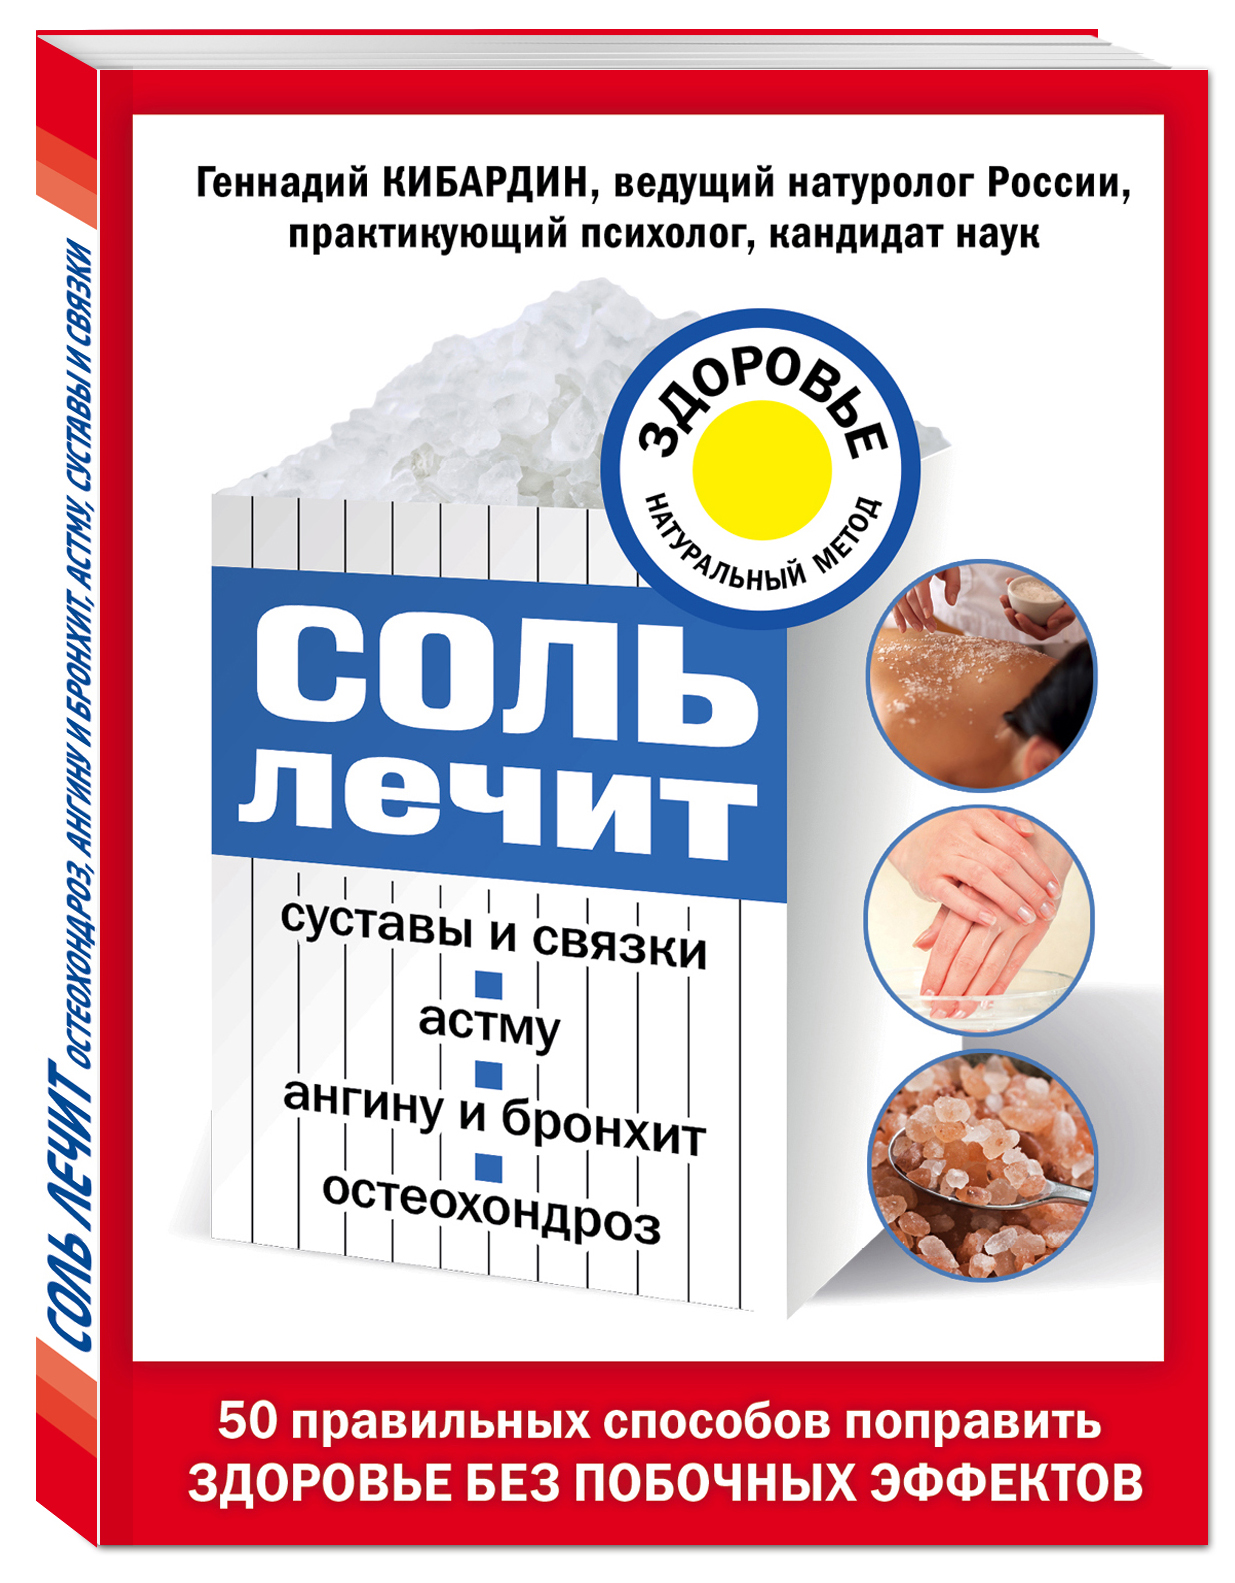 Соль лечит: остеохондроз, ангину и бронхит, астму, суставы и связки ( Кибардин Геннадий Михайлович  )